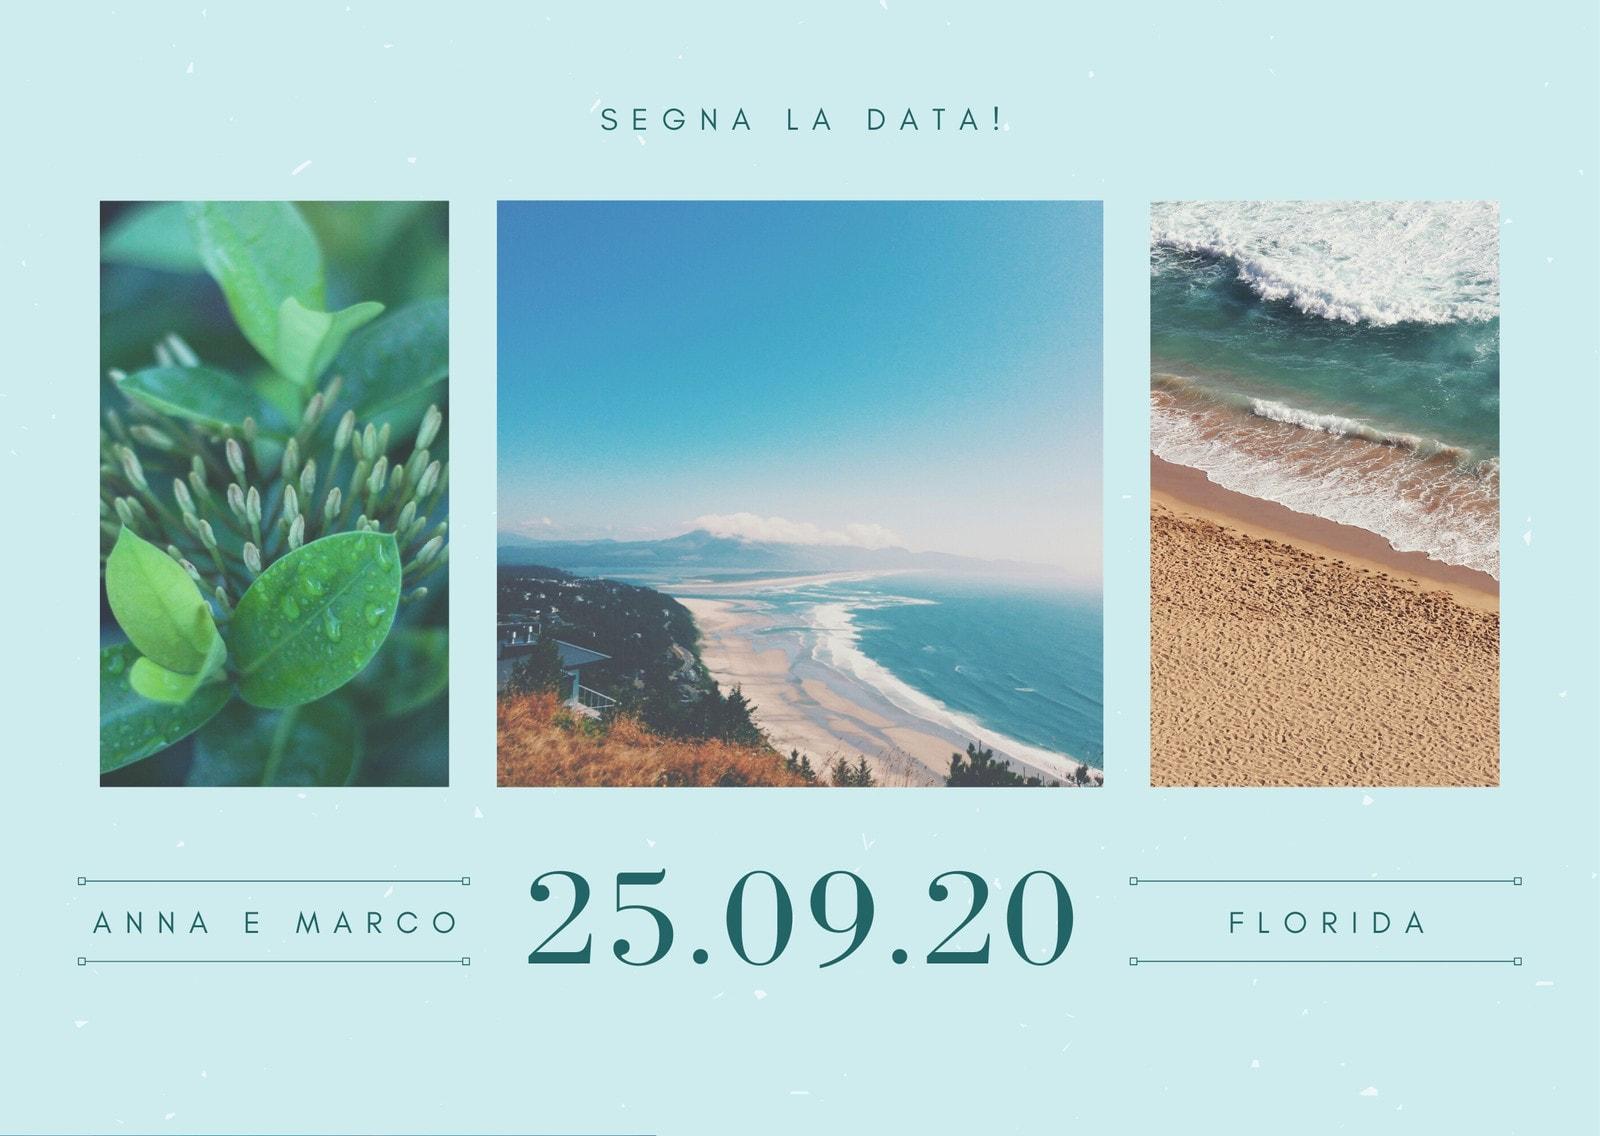 Chiaro Verde Blu Foto Collage Matrimonio Immagine Cartolina